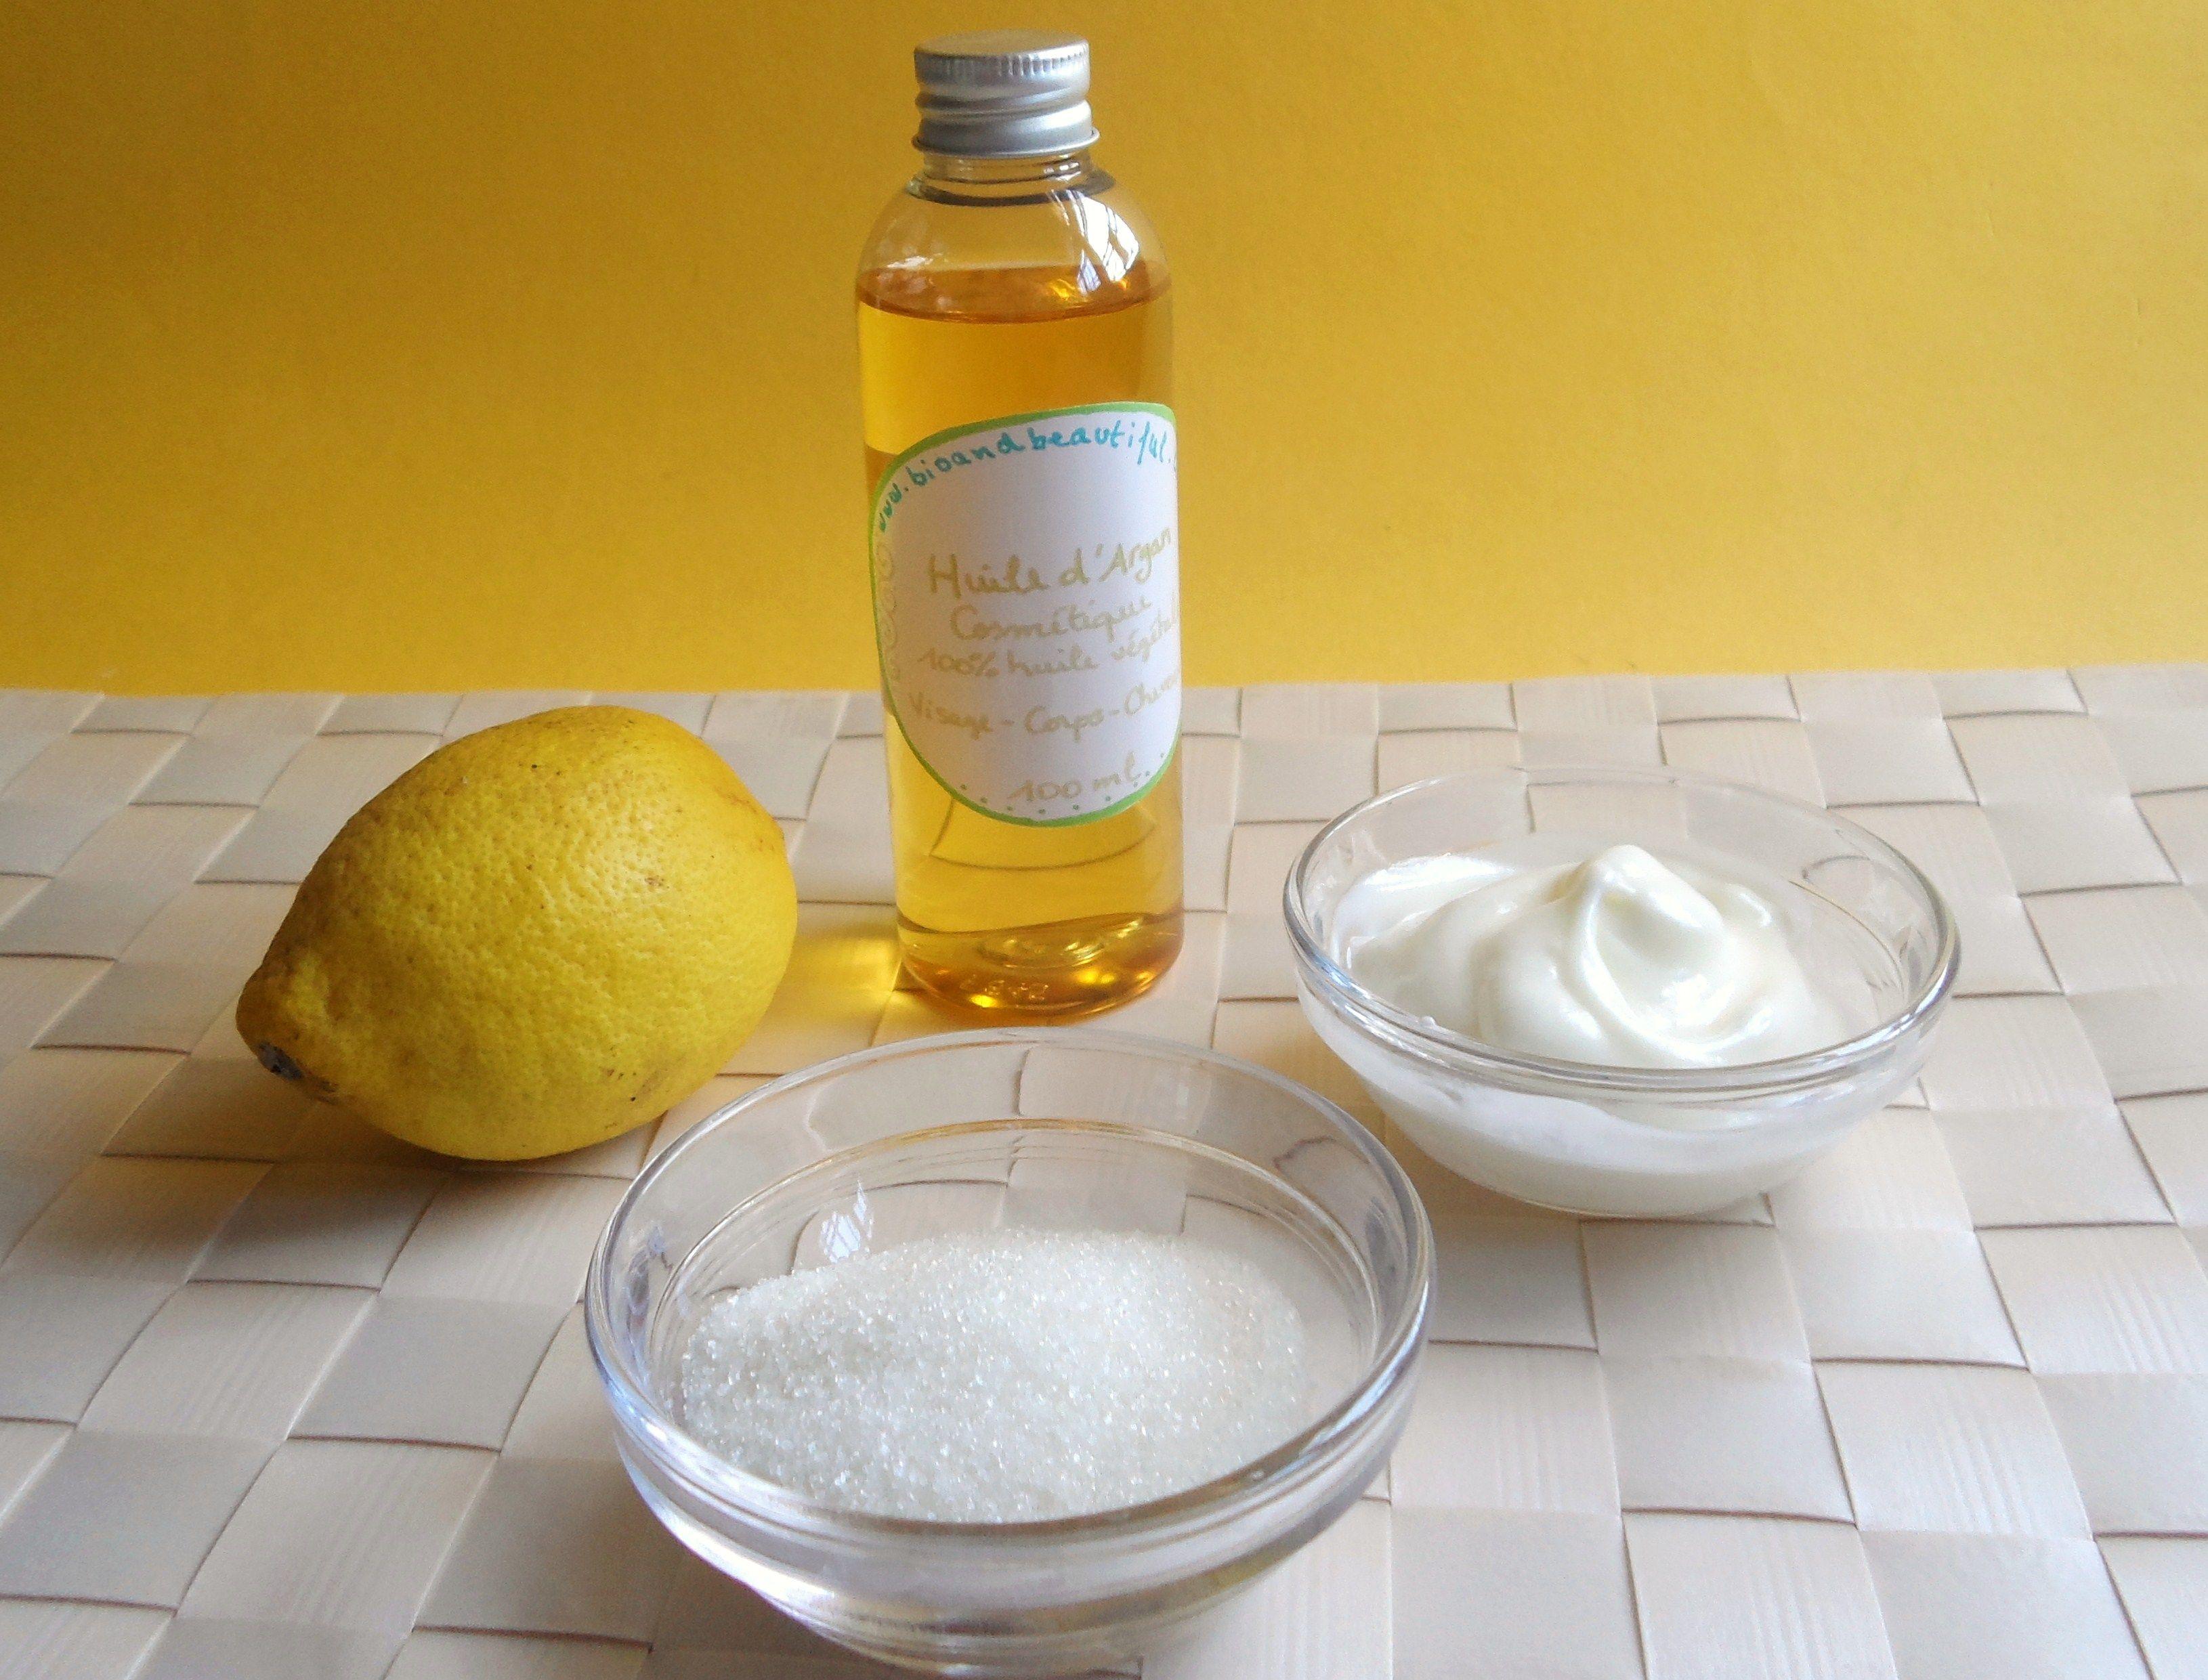 recette de gommage naturel huile d 39 argan citron yaourt sucre soins naturels astuces. Black Bedroom Furniture Sets. Home Design Ideas